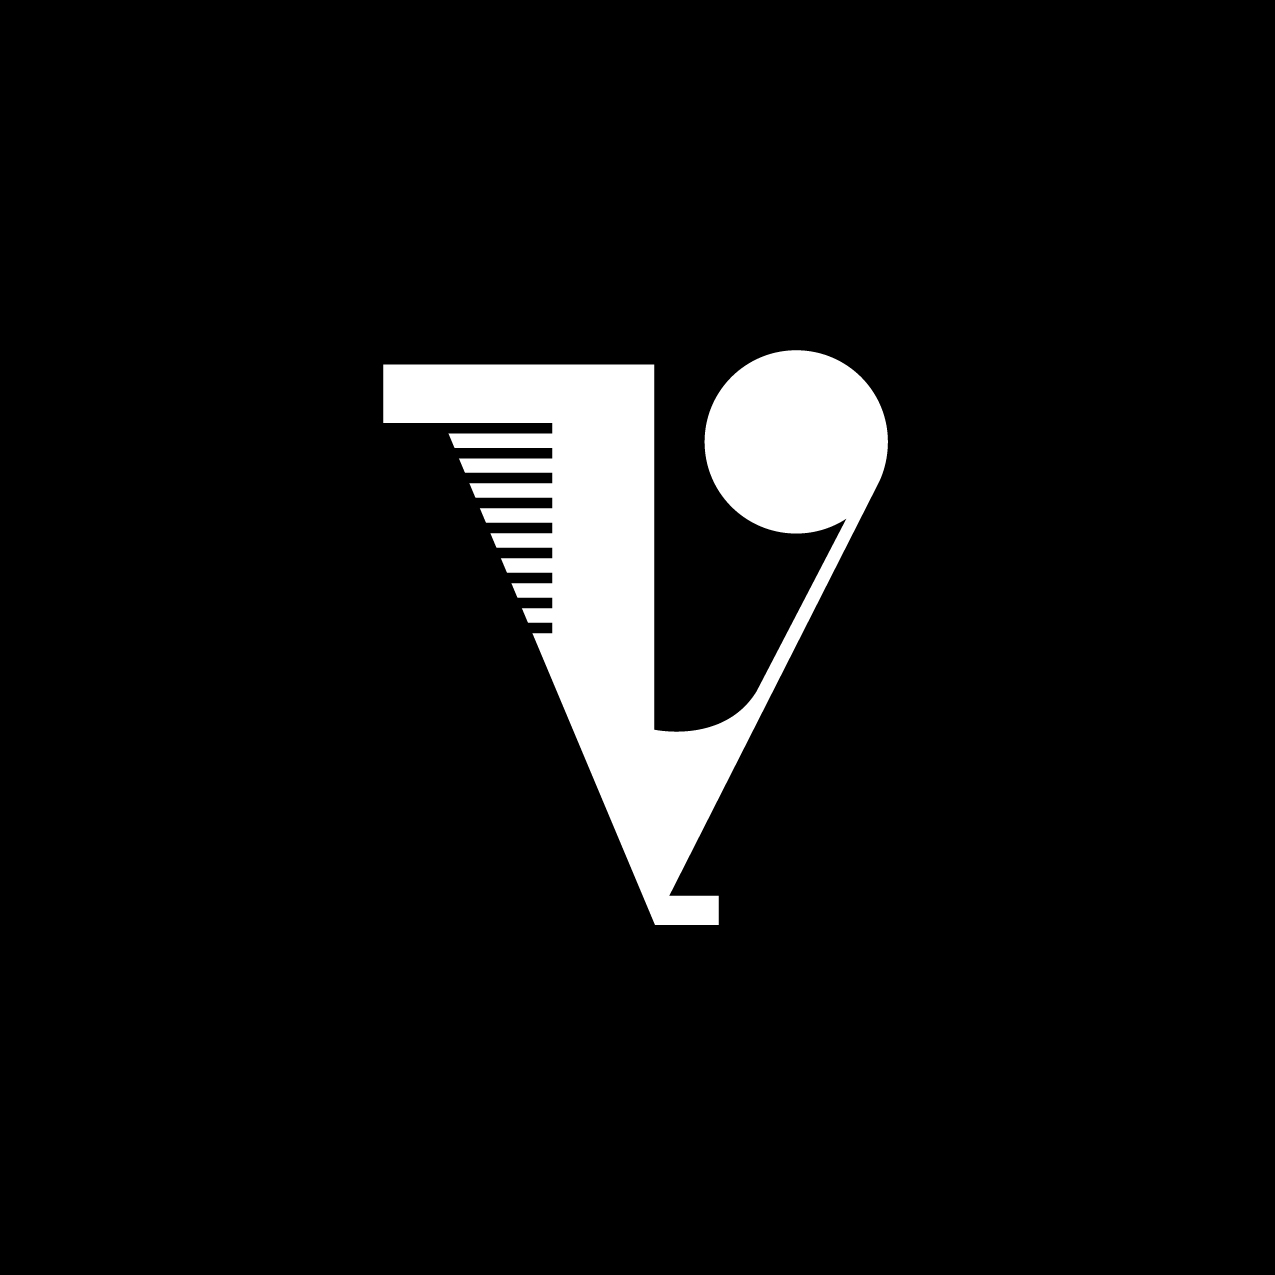 Letter V12 Design by Furia